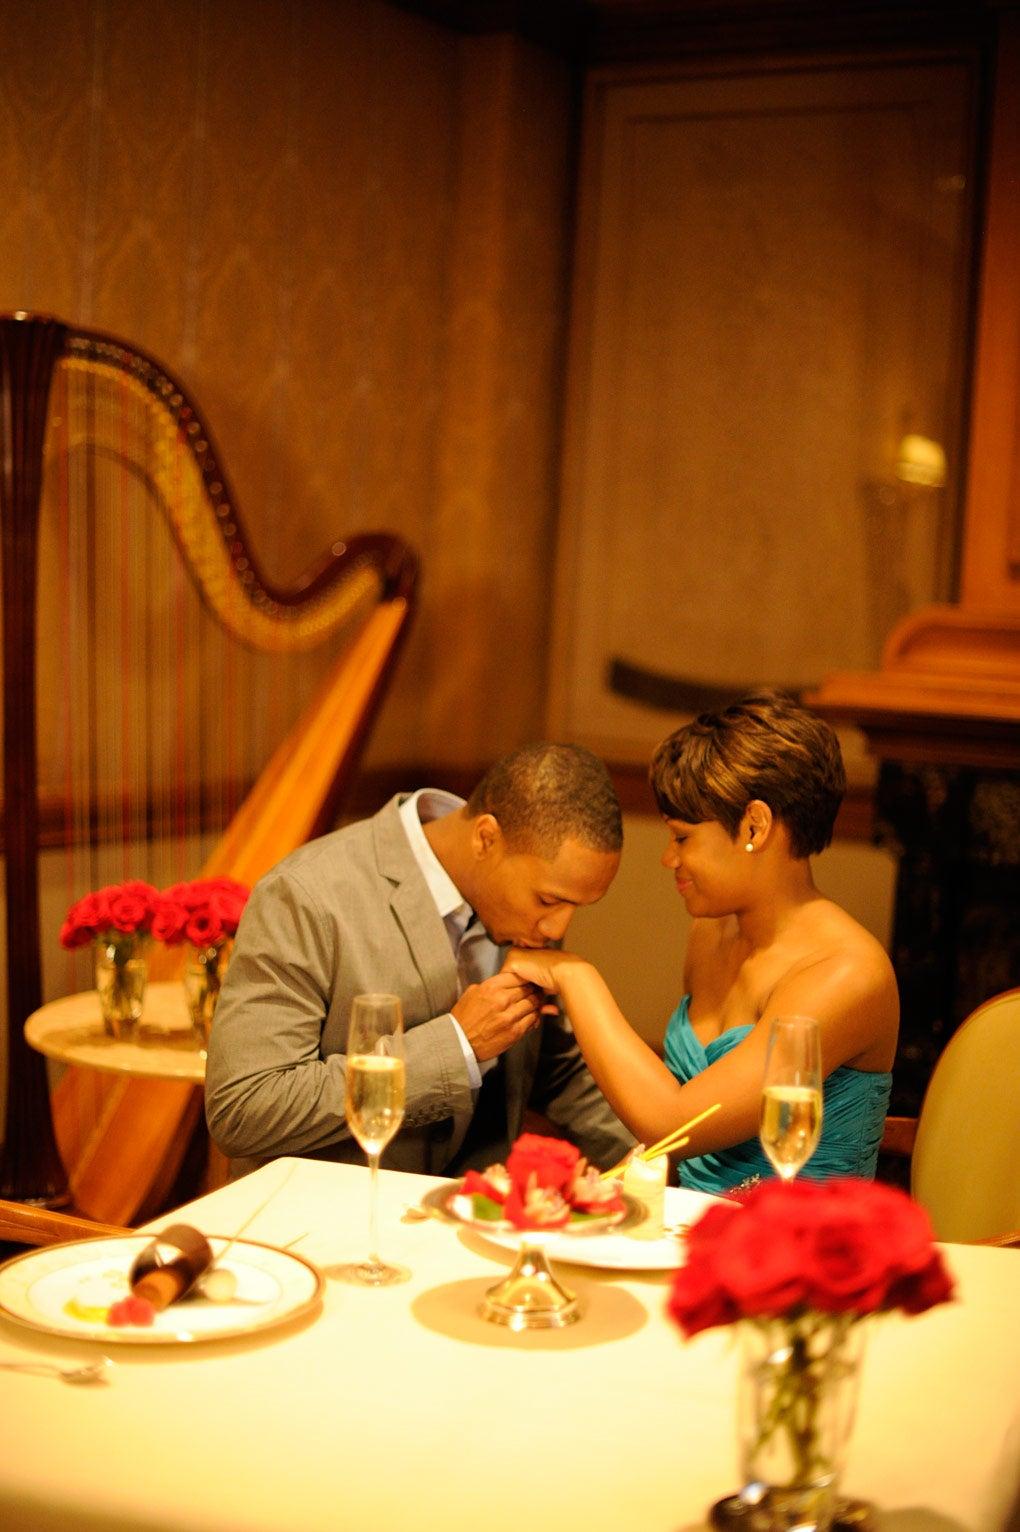 Storybook Wedding: Aaron and Kyla's Proposal